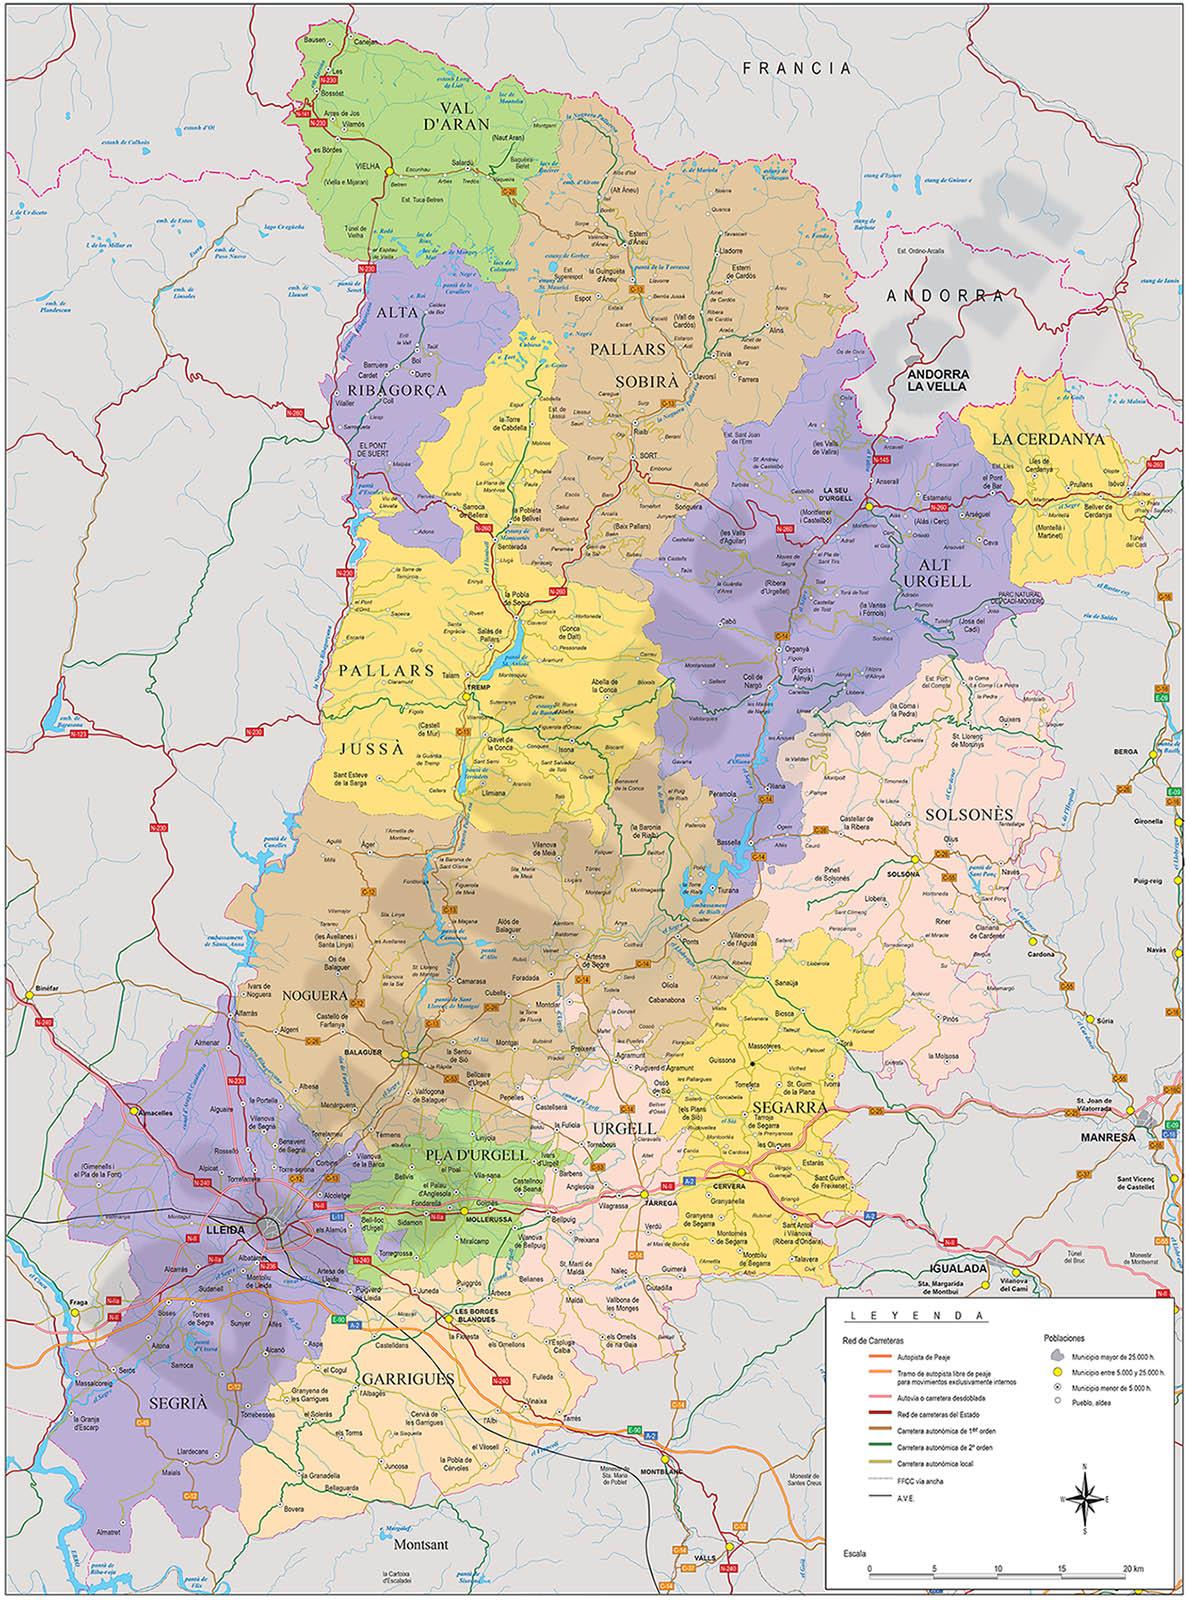 Mapa de la provincia de Lleida